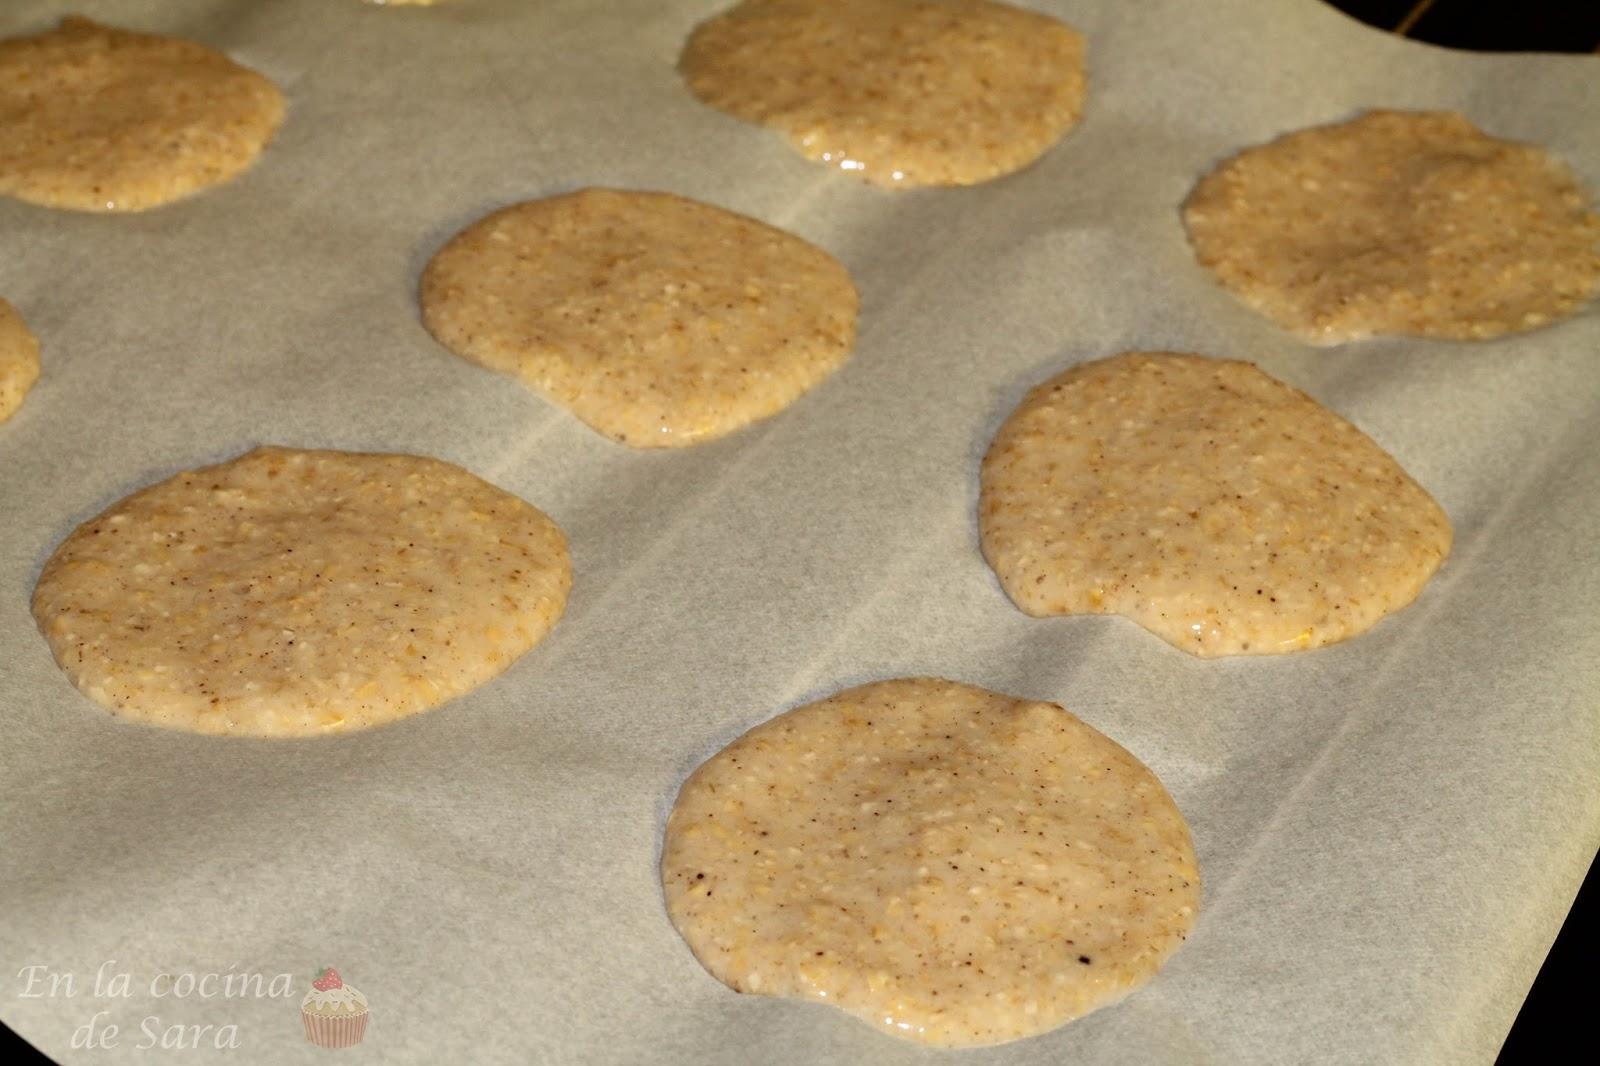 En la cocina de Sara: Galletas blandas de avena y canela